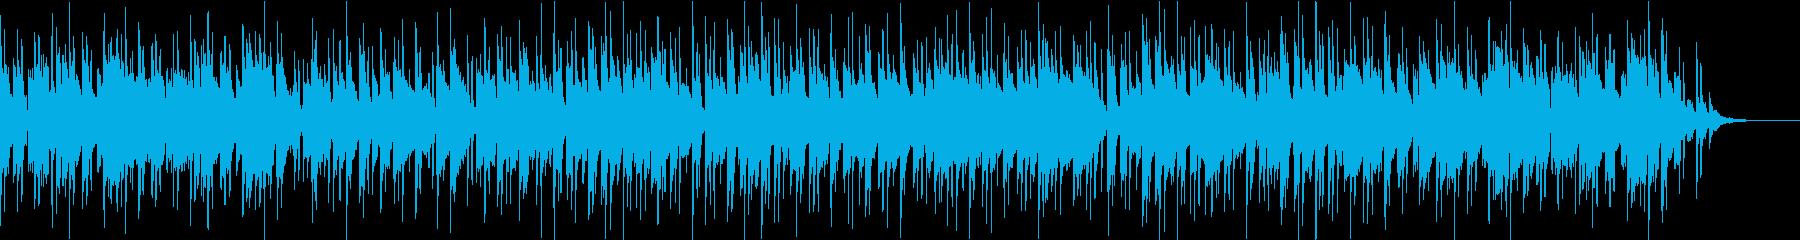 爽やかで落ち着いた雰囲気のスムースジャズの再生済みの波形